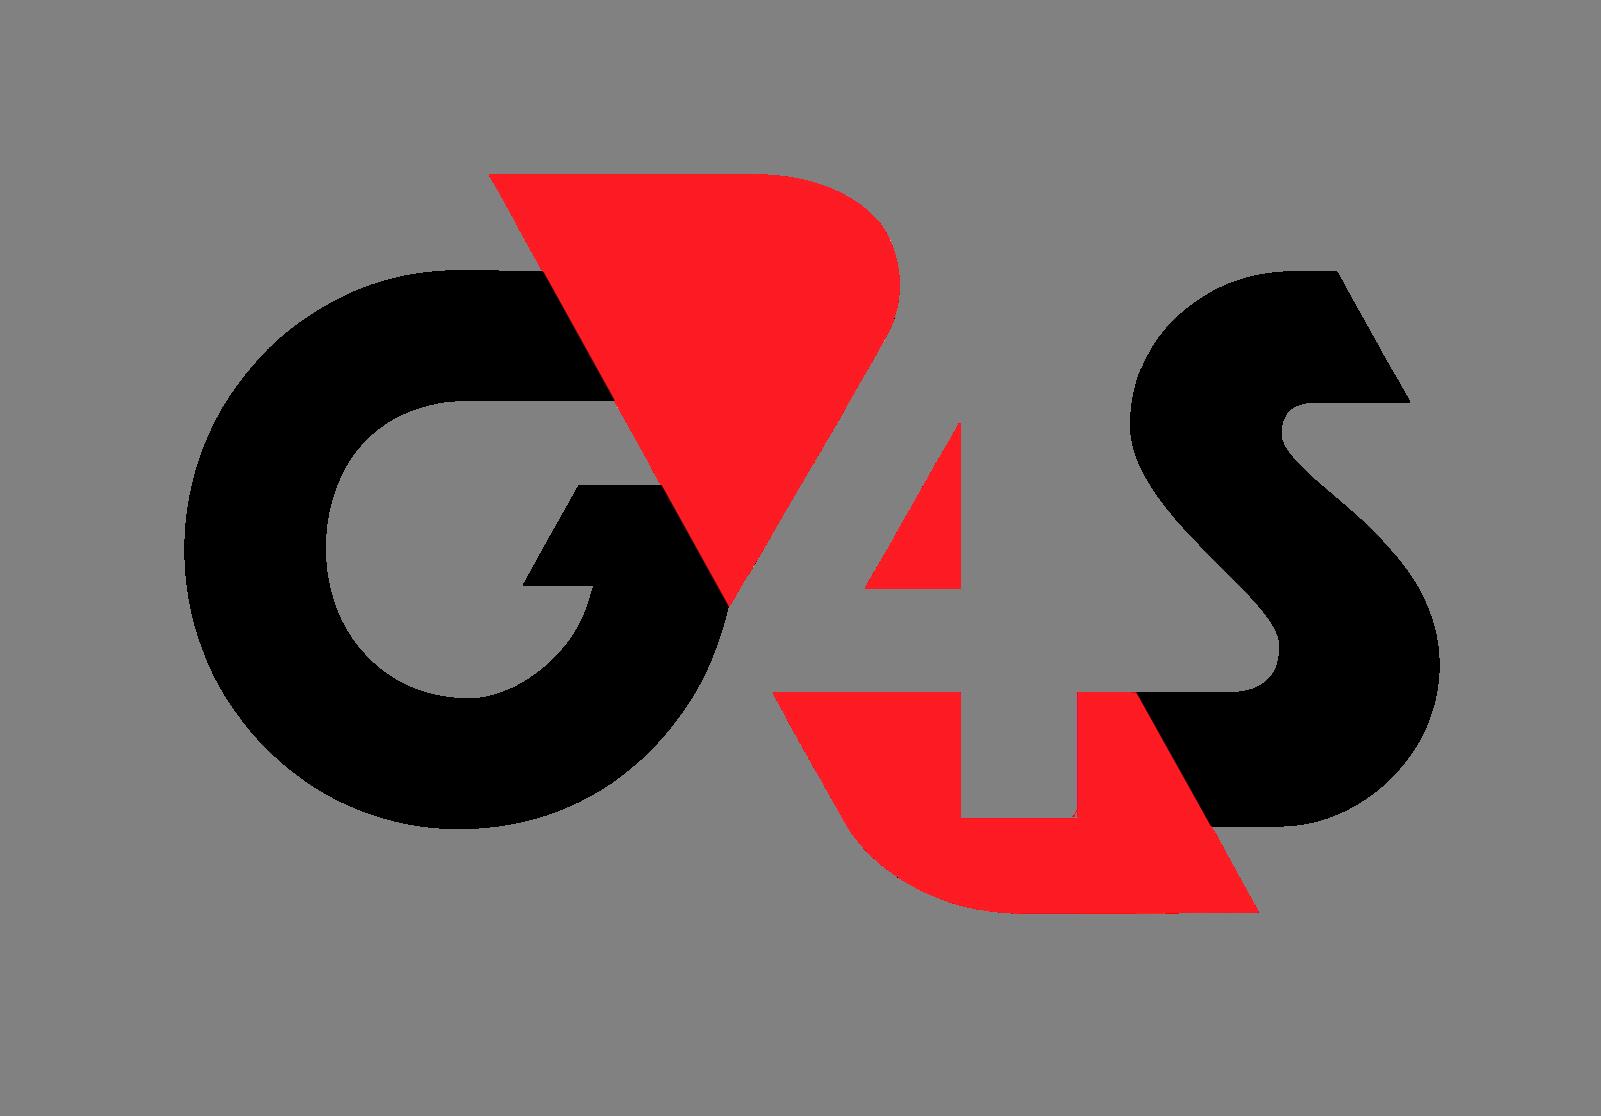 main_logo_1453719809